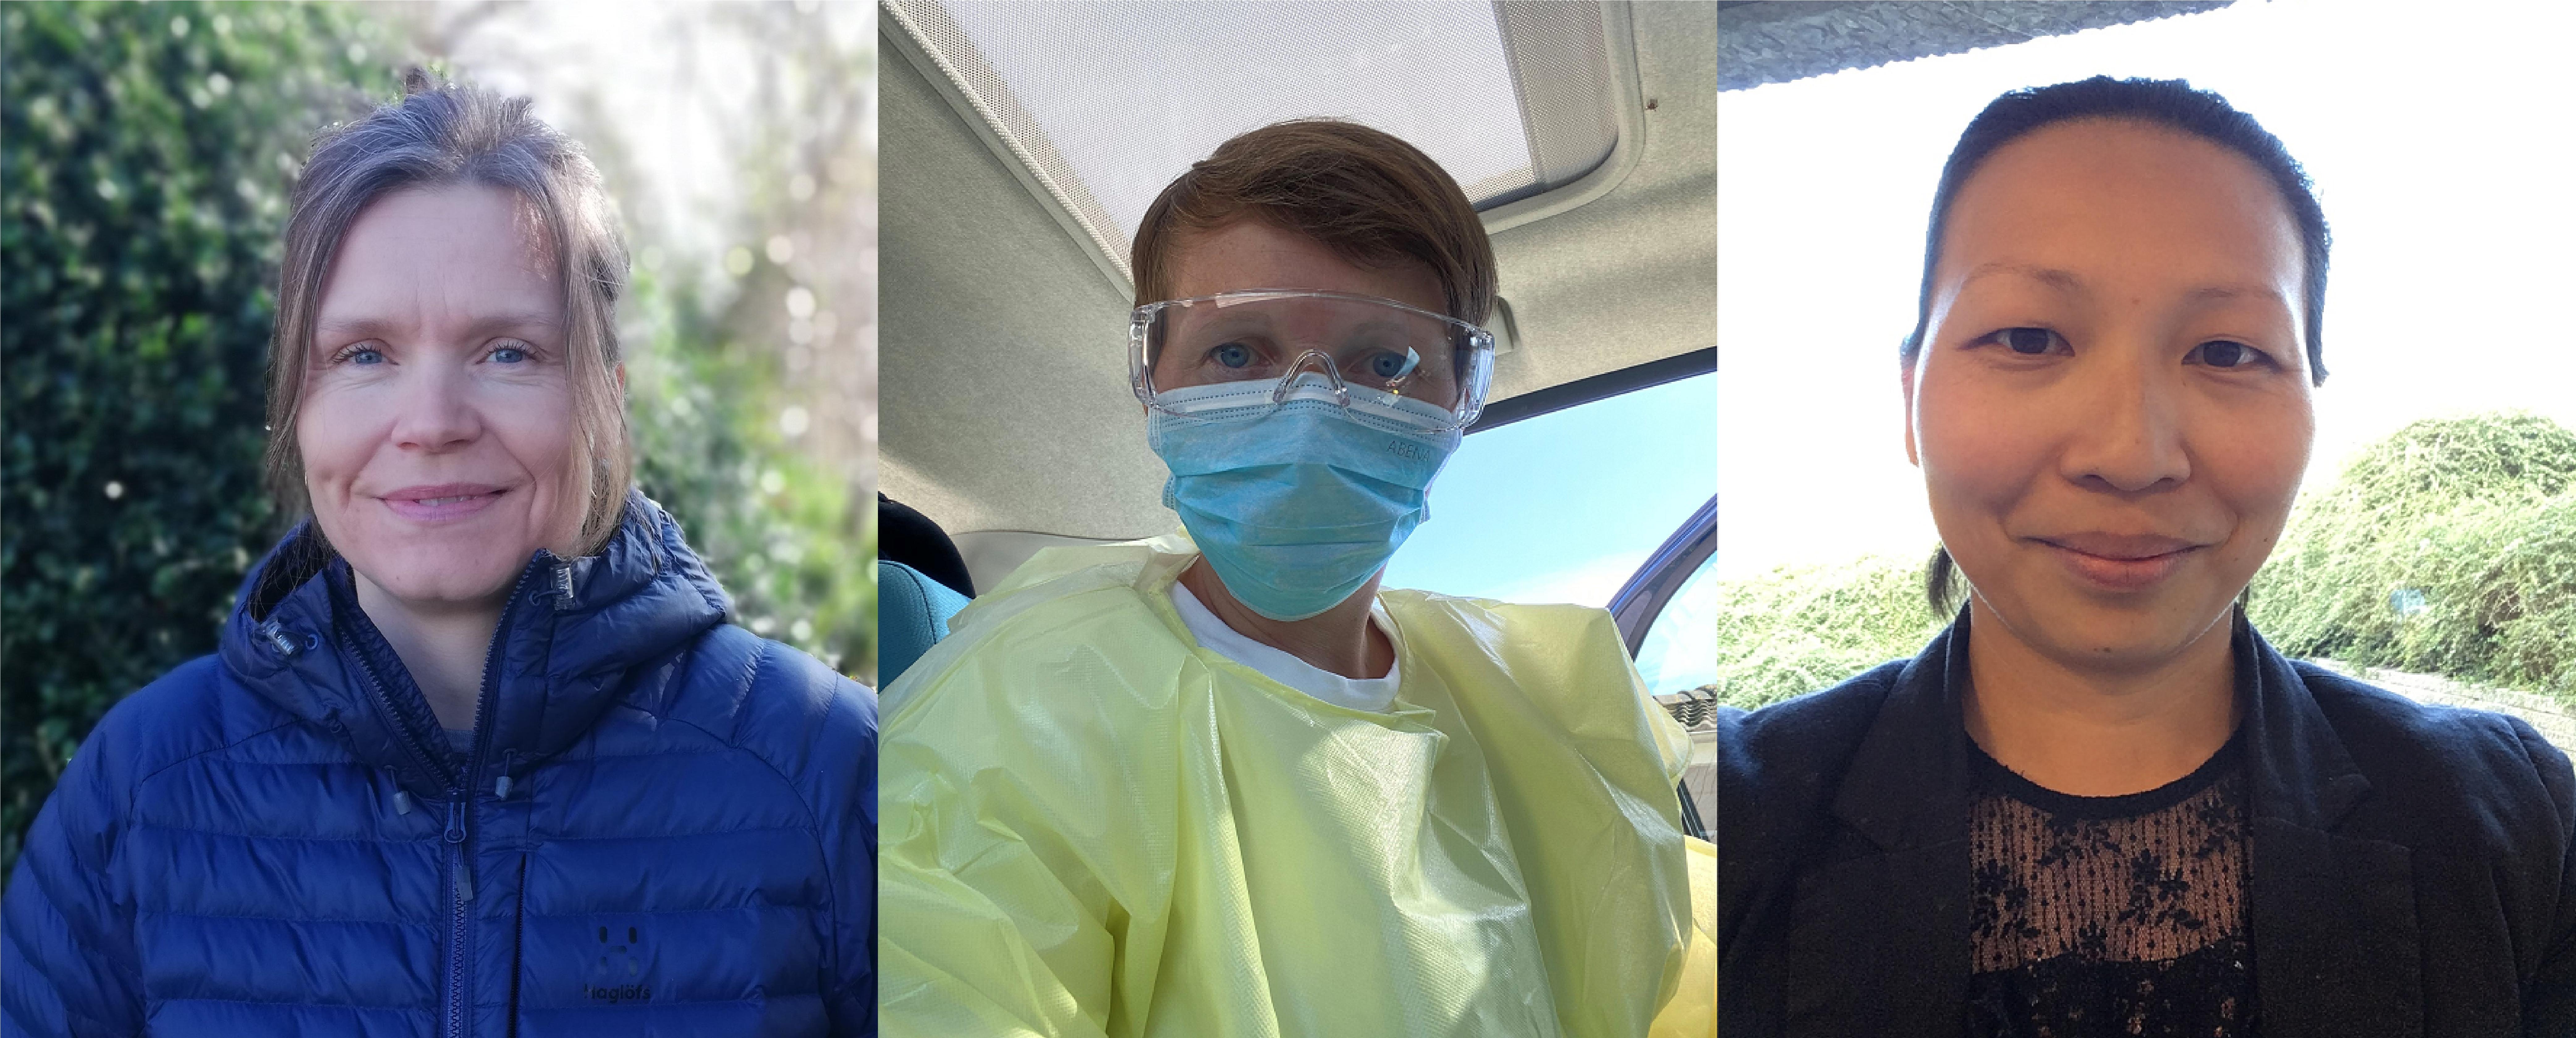 """Tre ergoterapeuter er blevet udvalgt og har sagt """"ja"""" til at bidrage til beredskabsarbejdet i en ny Corona-testenhed i Odense Kommune. Fra venstre: Anne Bystrup, Heidi Neumann og Maria Hundebøll."""